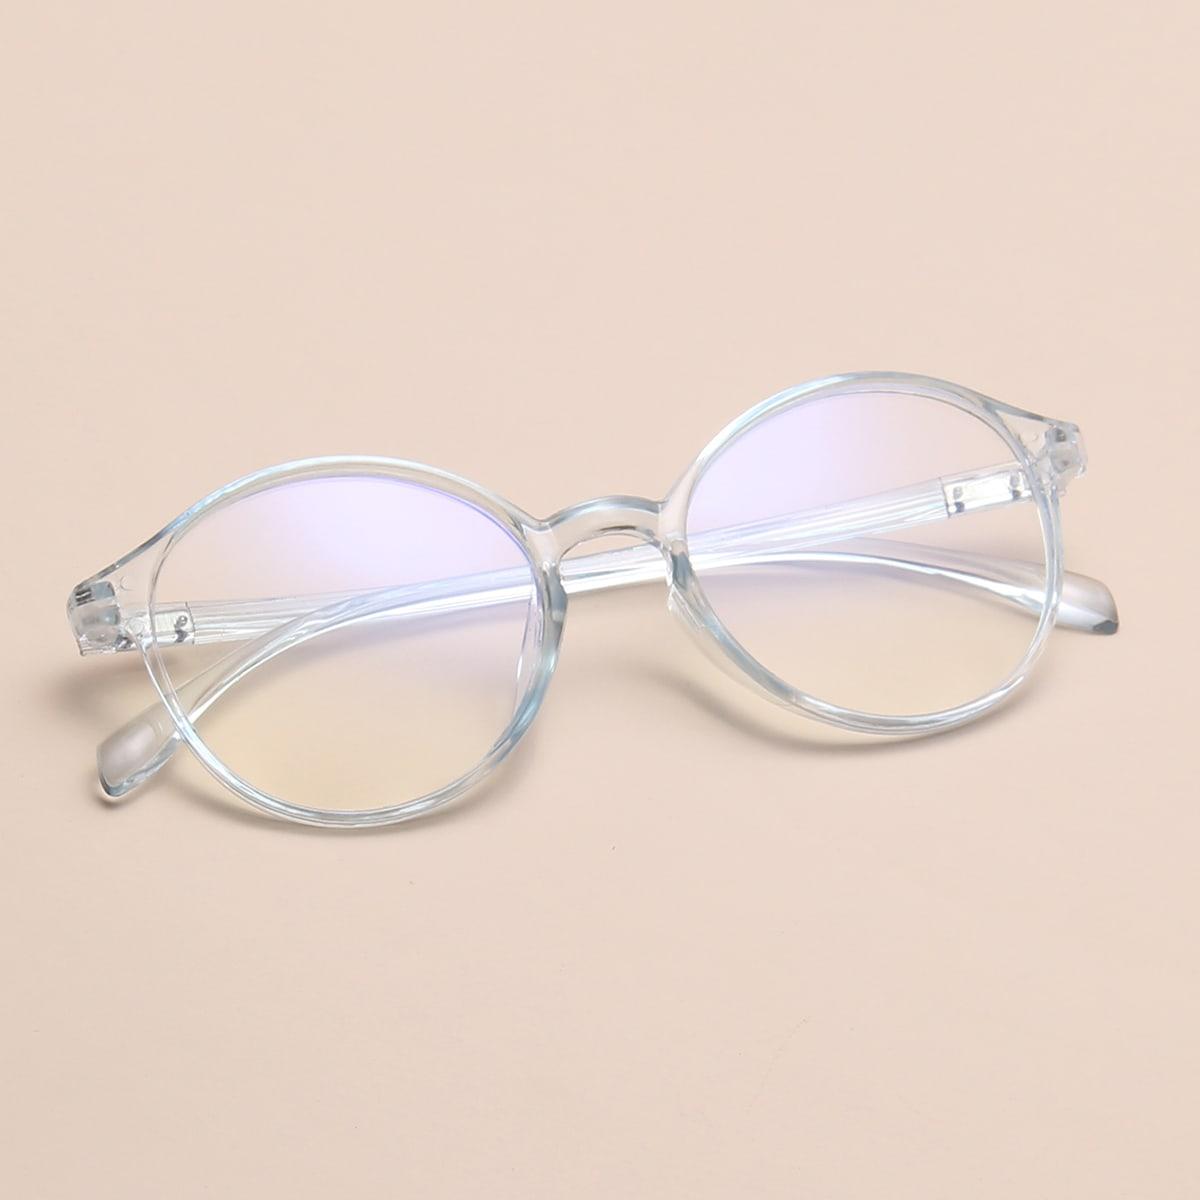 Очки с прозрачной оправой фото